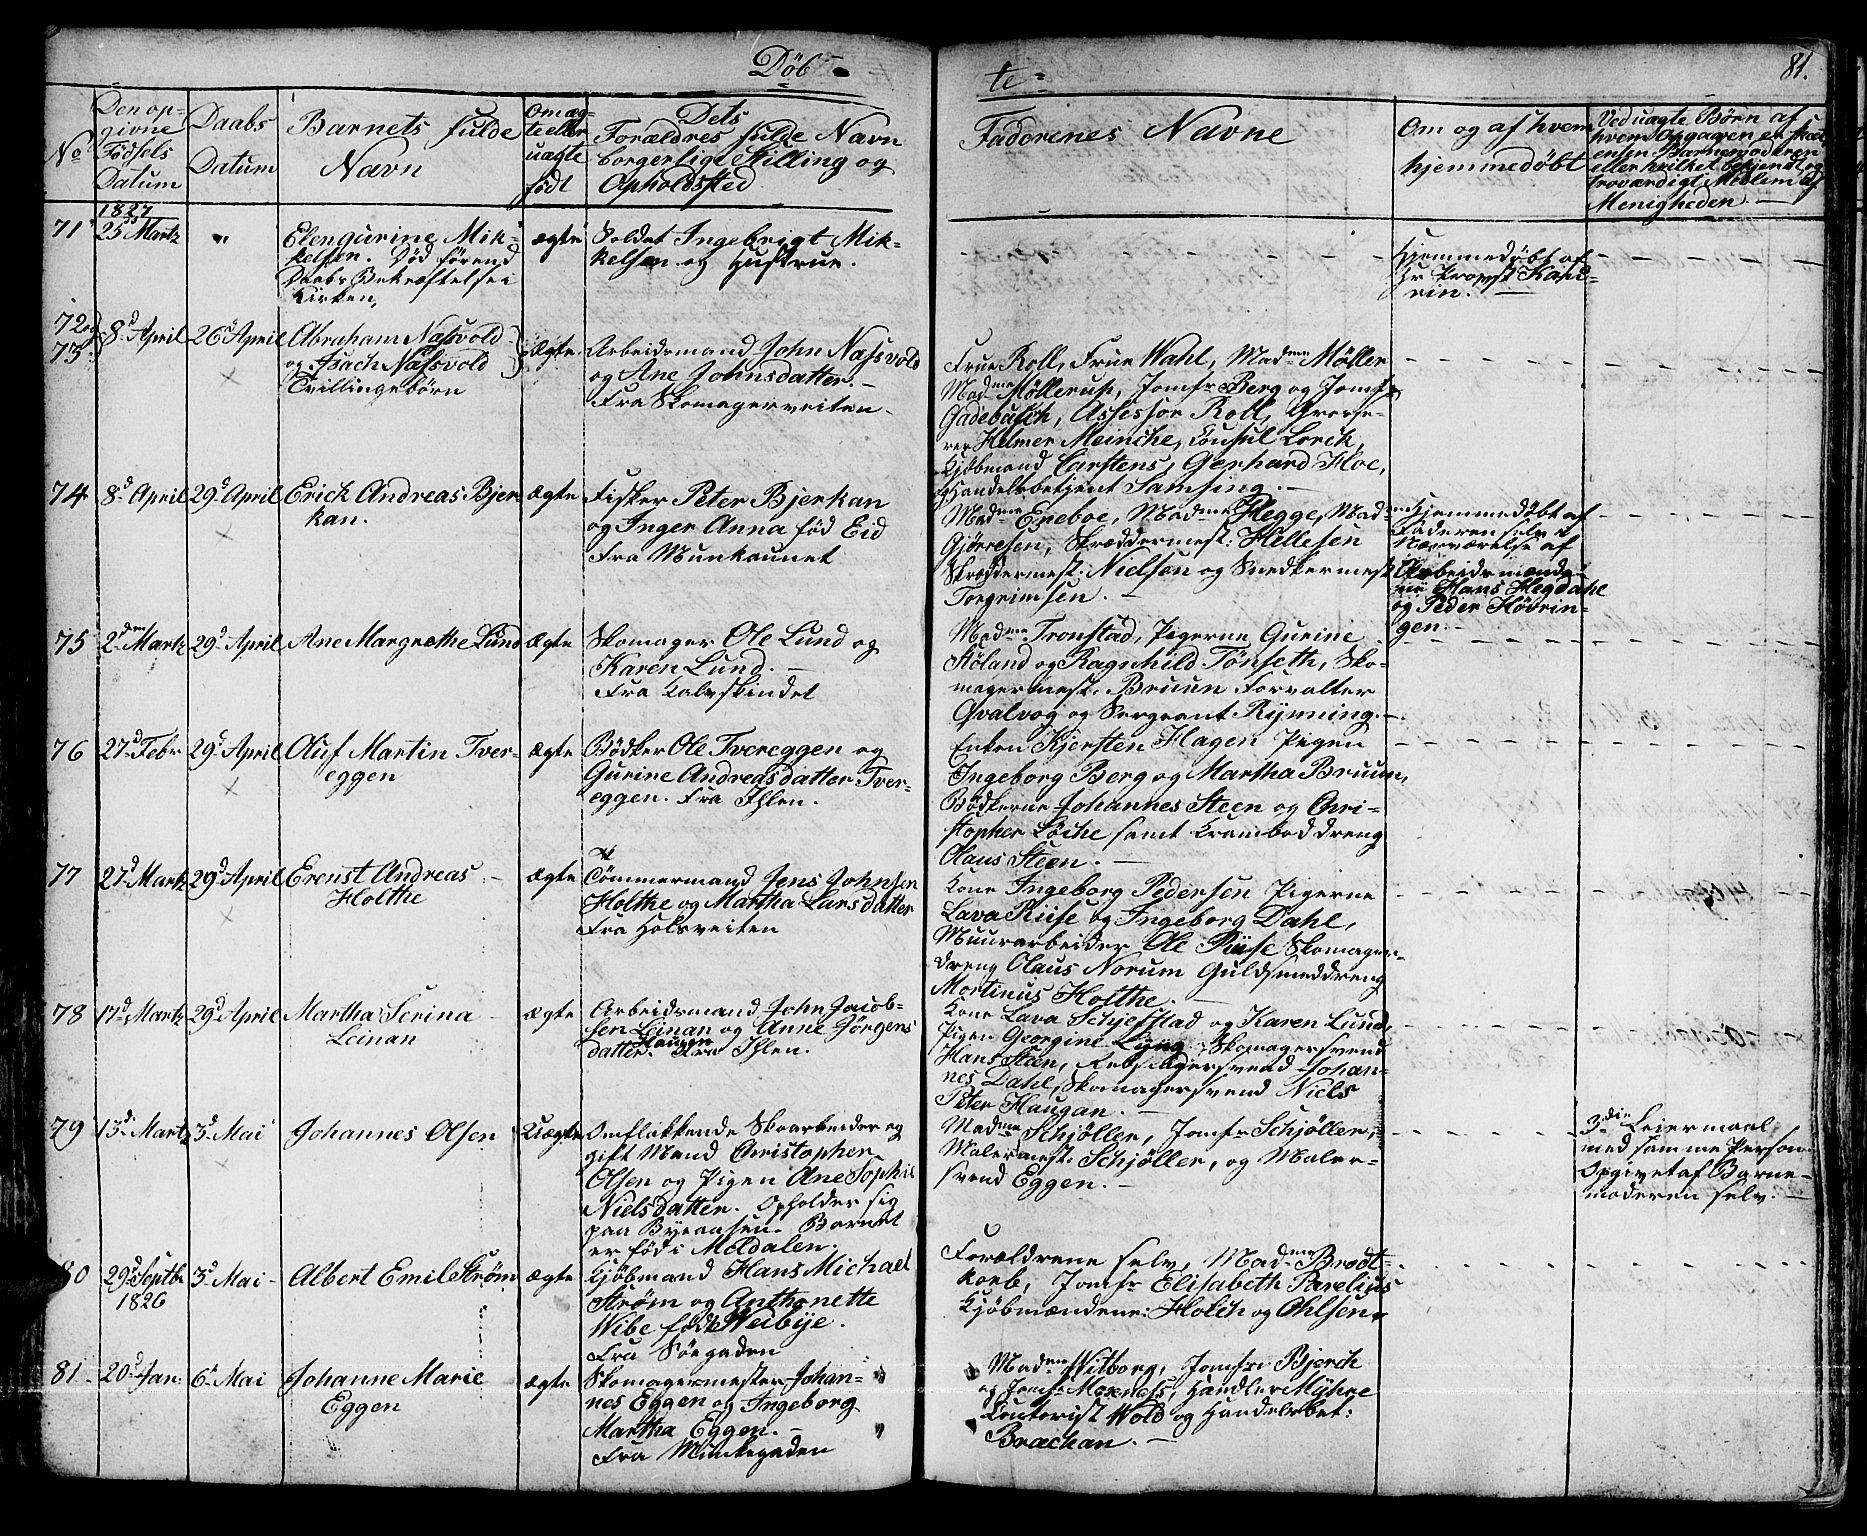 SAT, Ministerialprotokoller, klokkerbøker og fødselsregistre - Sør-Trøndelag, 601/L0045: Ministerialbok nr. 601A13, 1821-1831, s. 81